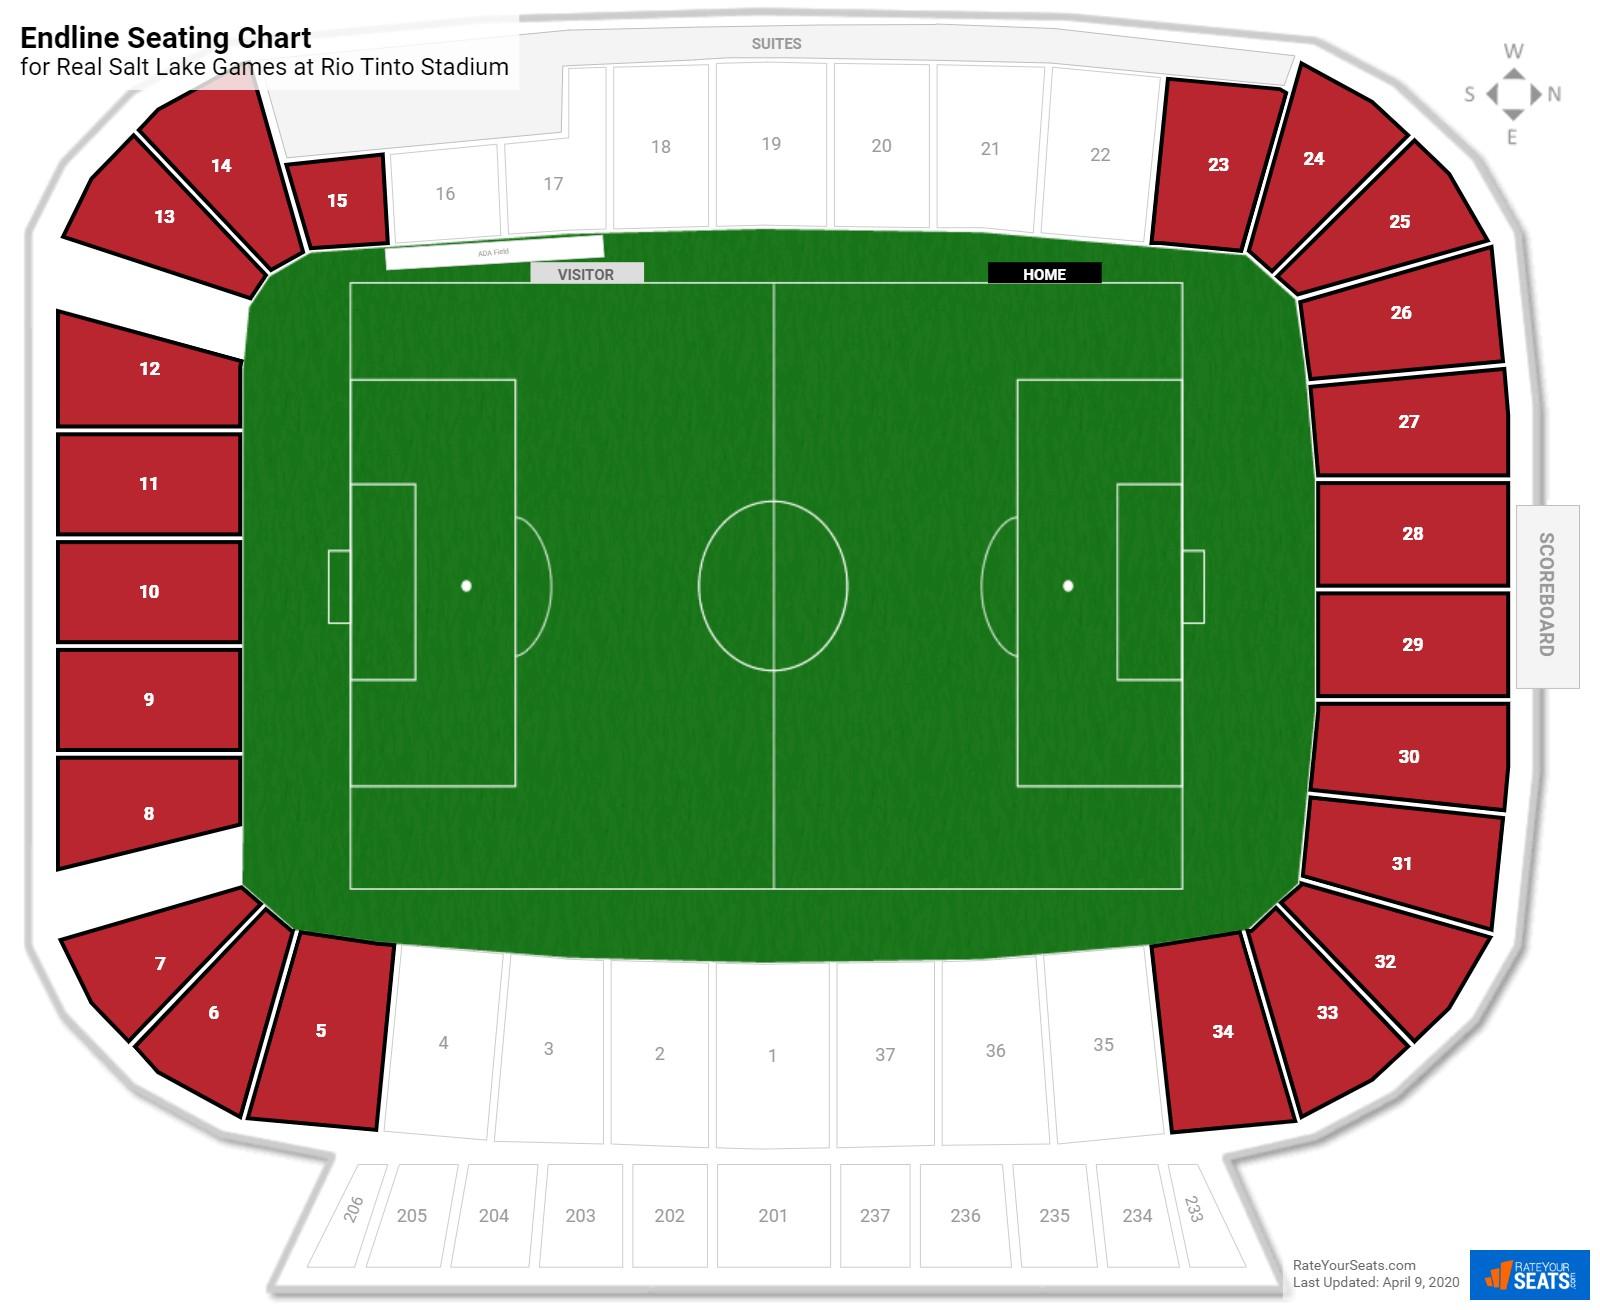 Rio Tinto Stadium Endline Seating Chart